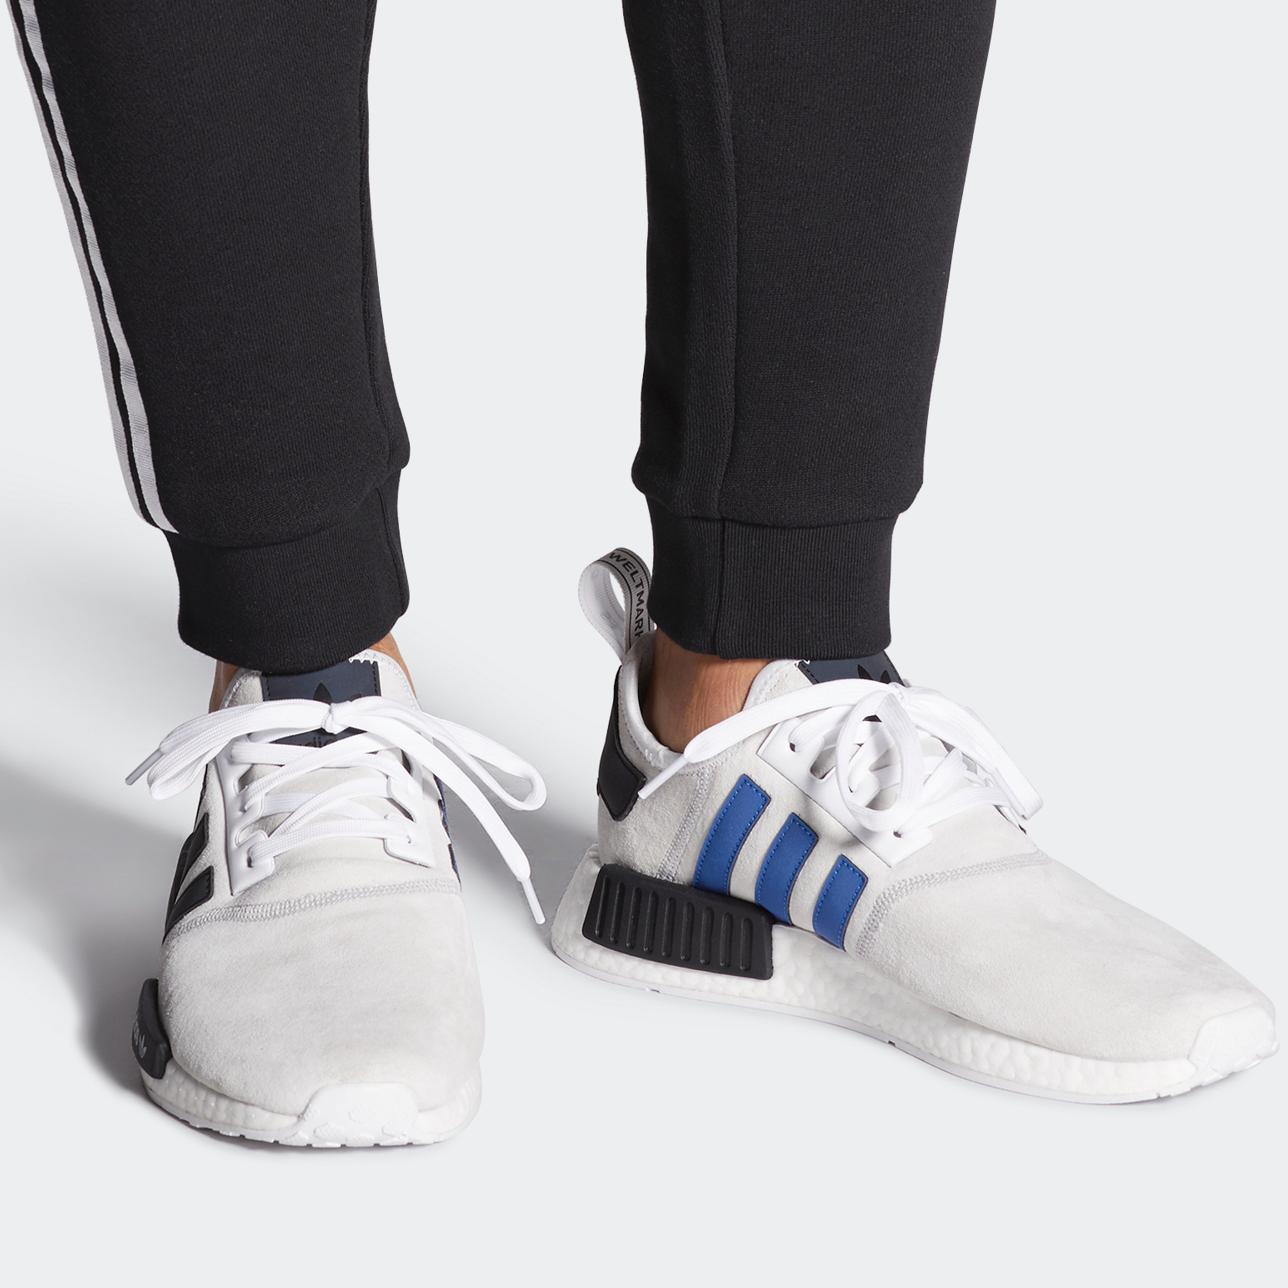 Adidas Originali NMD R1 XENO Pack  bianca Men's Comfy scarpe Lifestyle scarpe da ginnastica  Garanzia di vestibilità al 100%